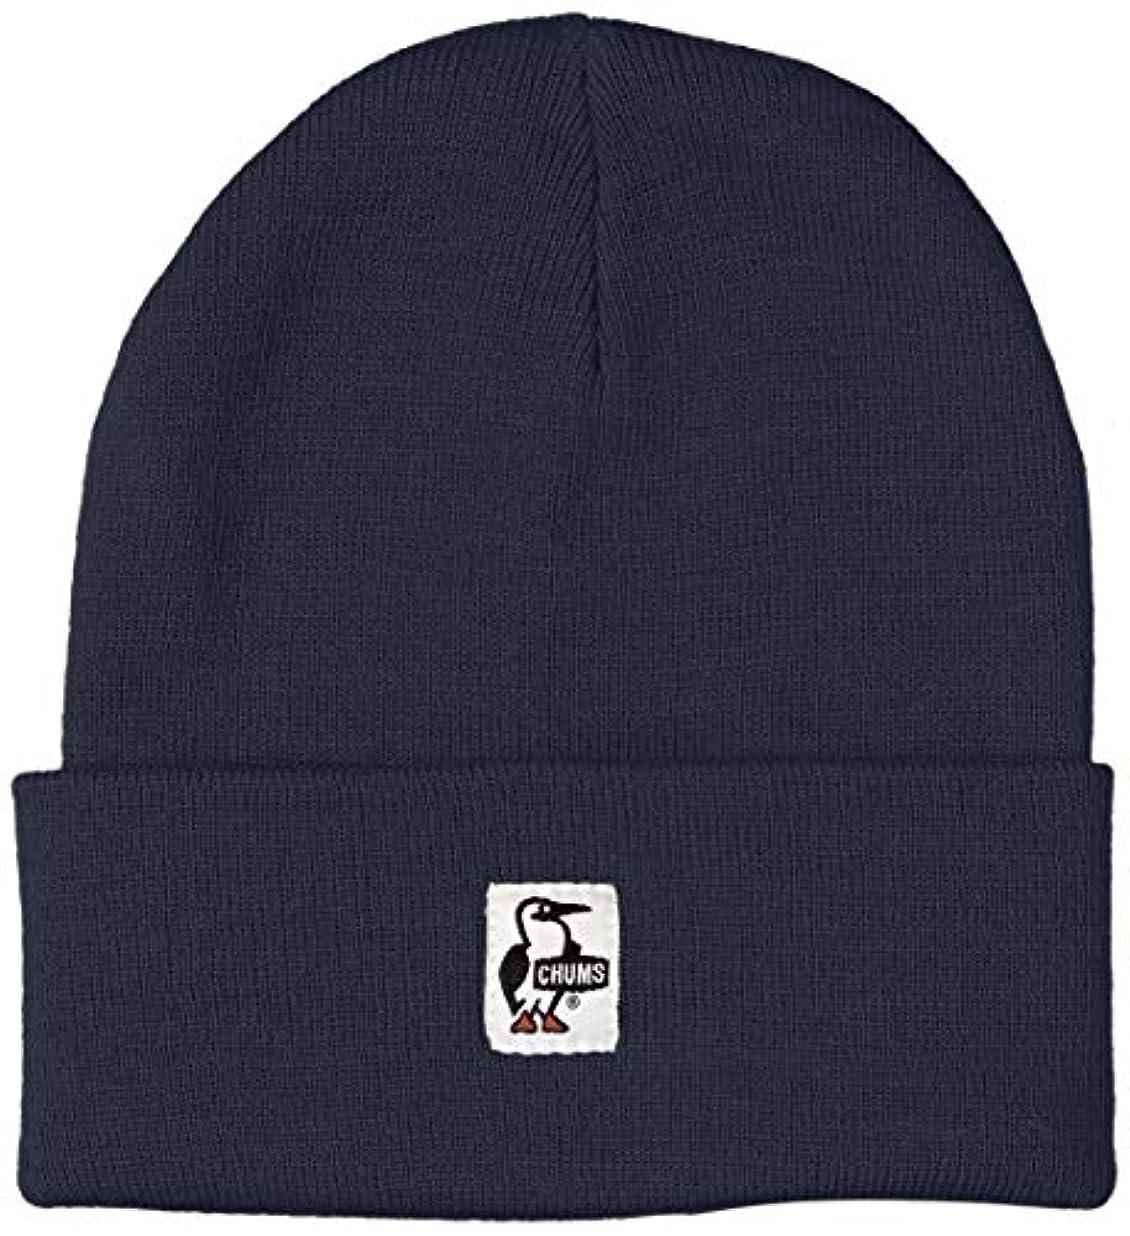 財政静けさ活性化[チャムス] ニットキャップ Knit Cap